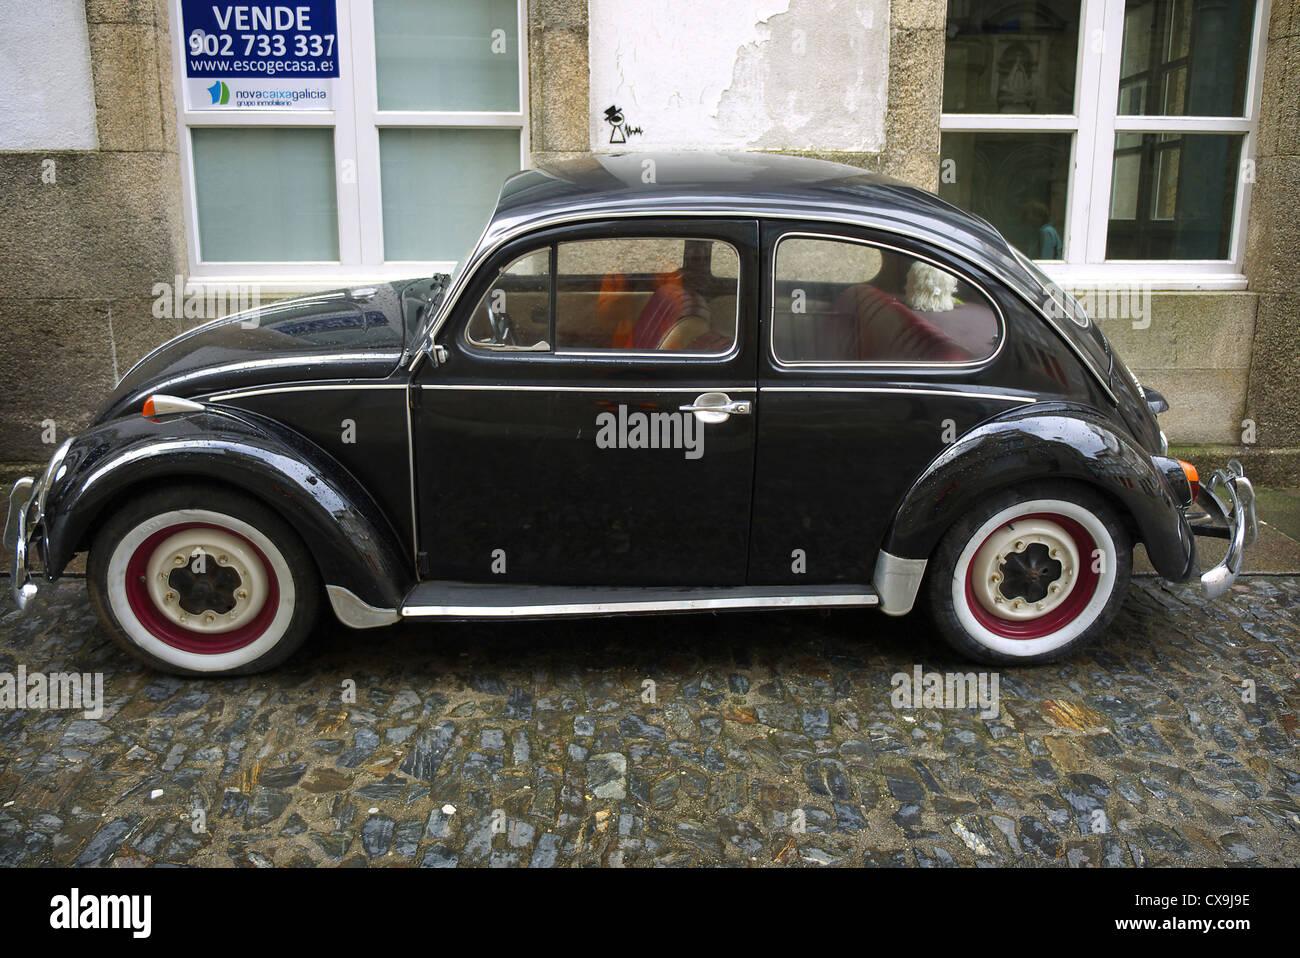 Black Volkswagen Beetle. Spain. - Stock Image